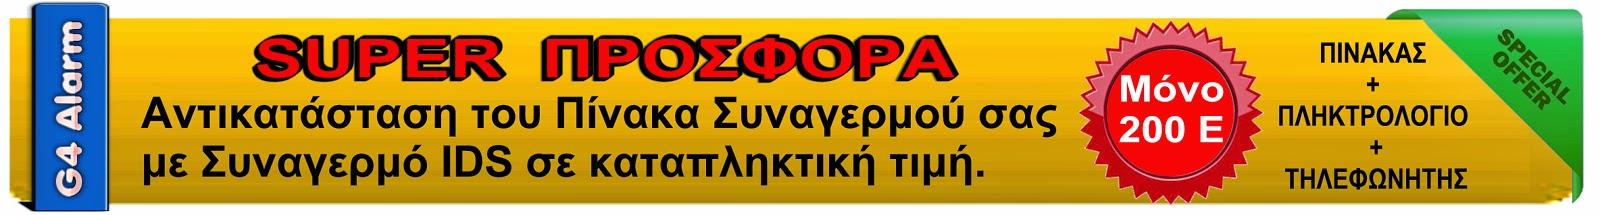 http://g4alarm.blogspot.gr/2015/03/ids-1.html#.VPbfNKOPaWg